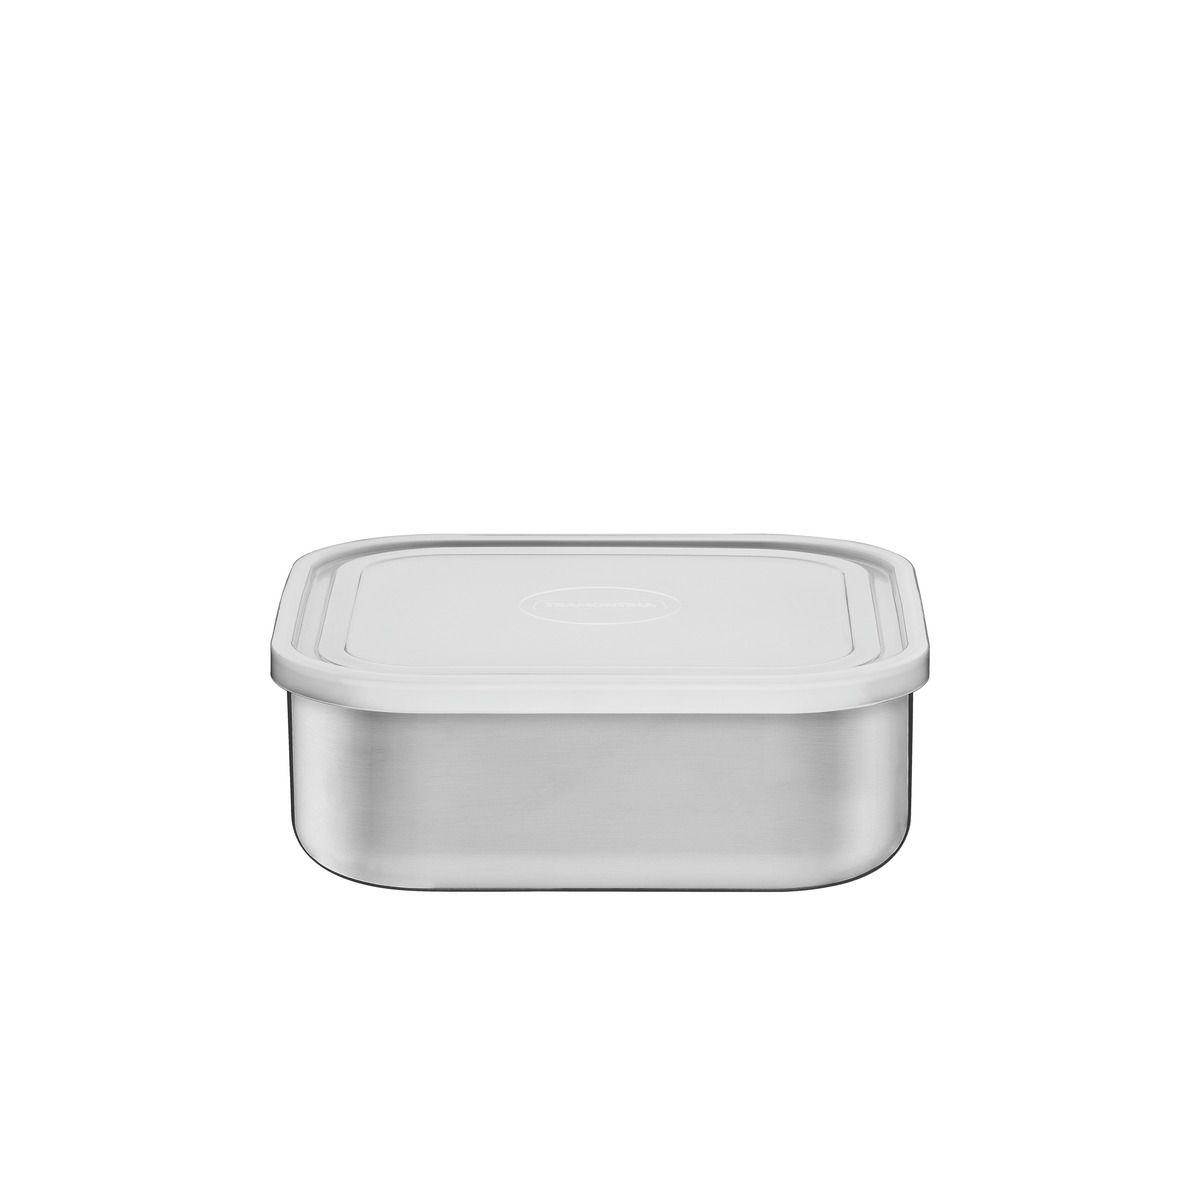 Pote Tramontina Freezinox em Aço Inox Quadrado com Tampa Plástica 16 cm 1,2 L 61229/160 | Lojas Estrela